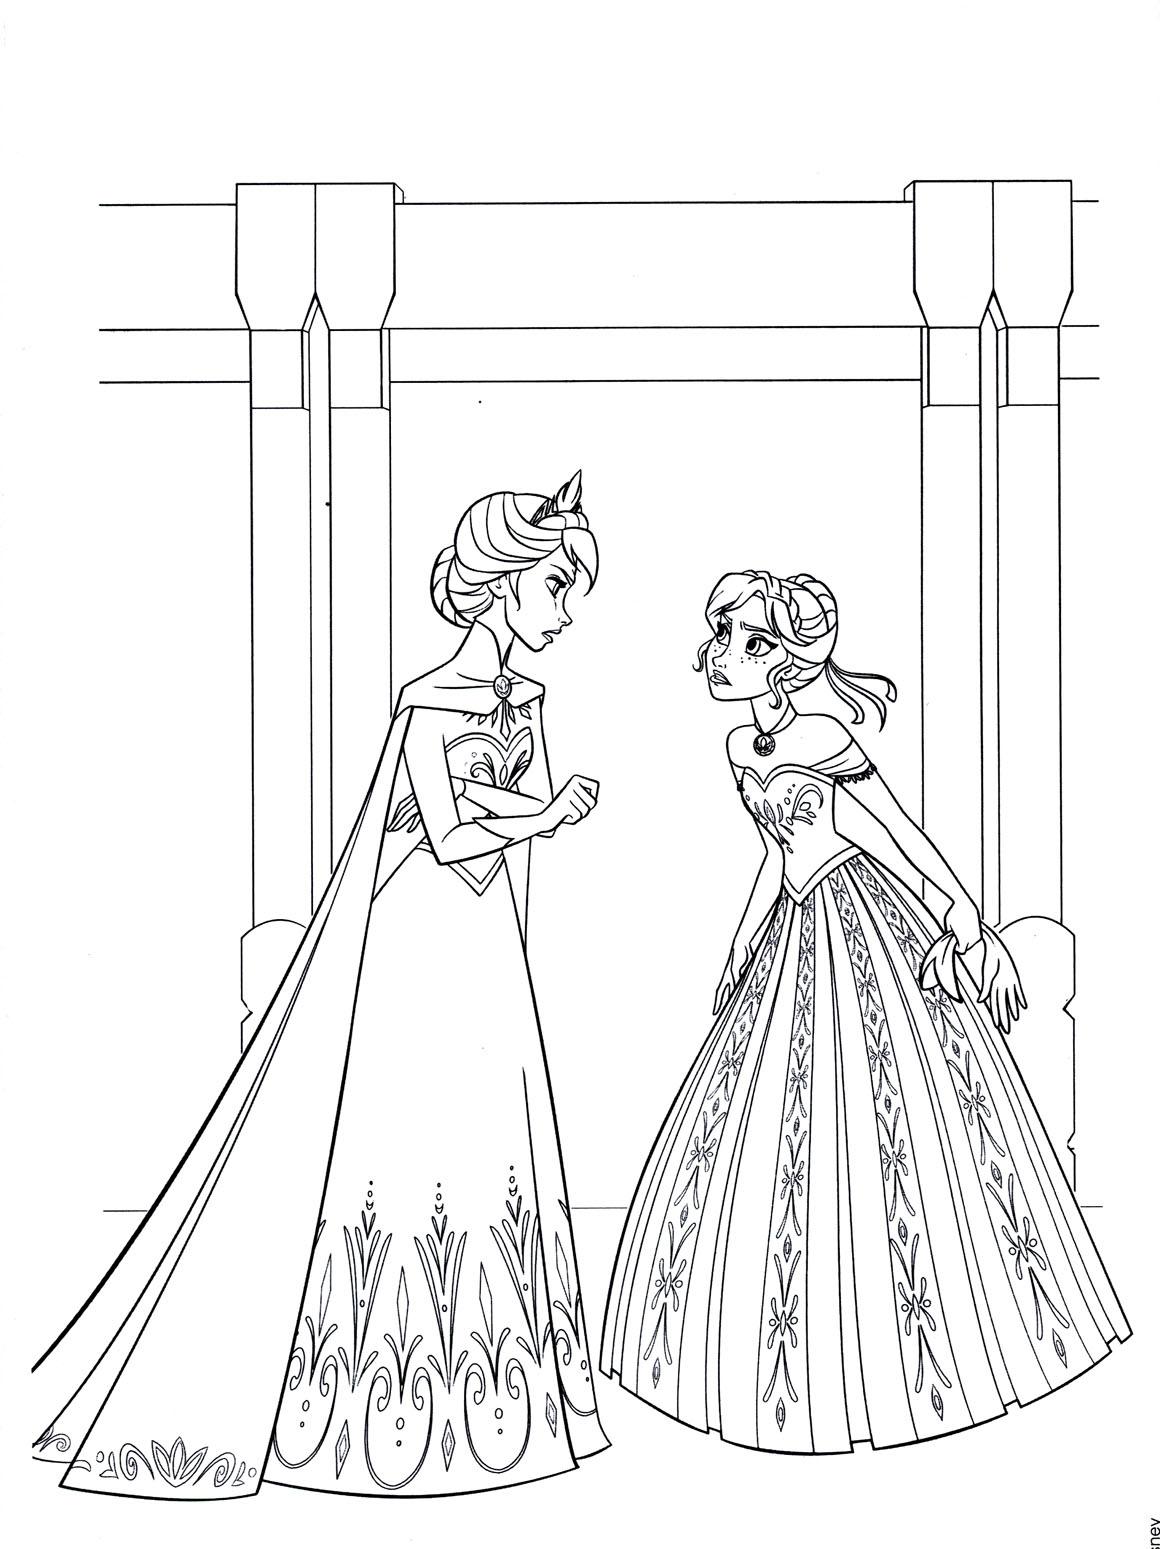 La reine des neiges disney 10 coloriage la reine des - Dessin de reine des neiges ...